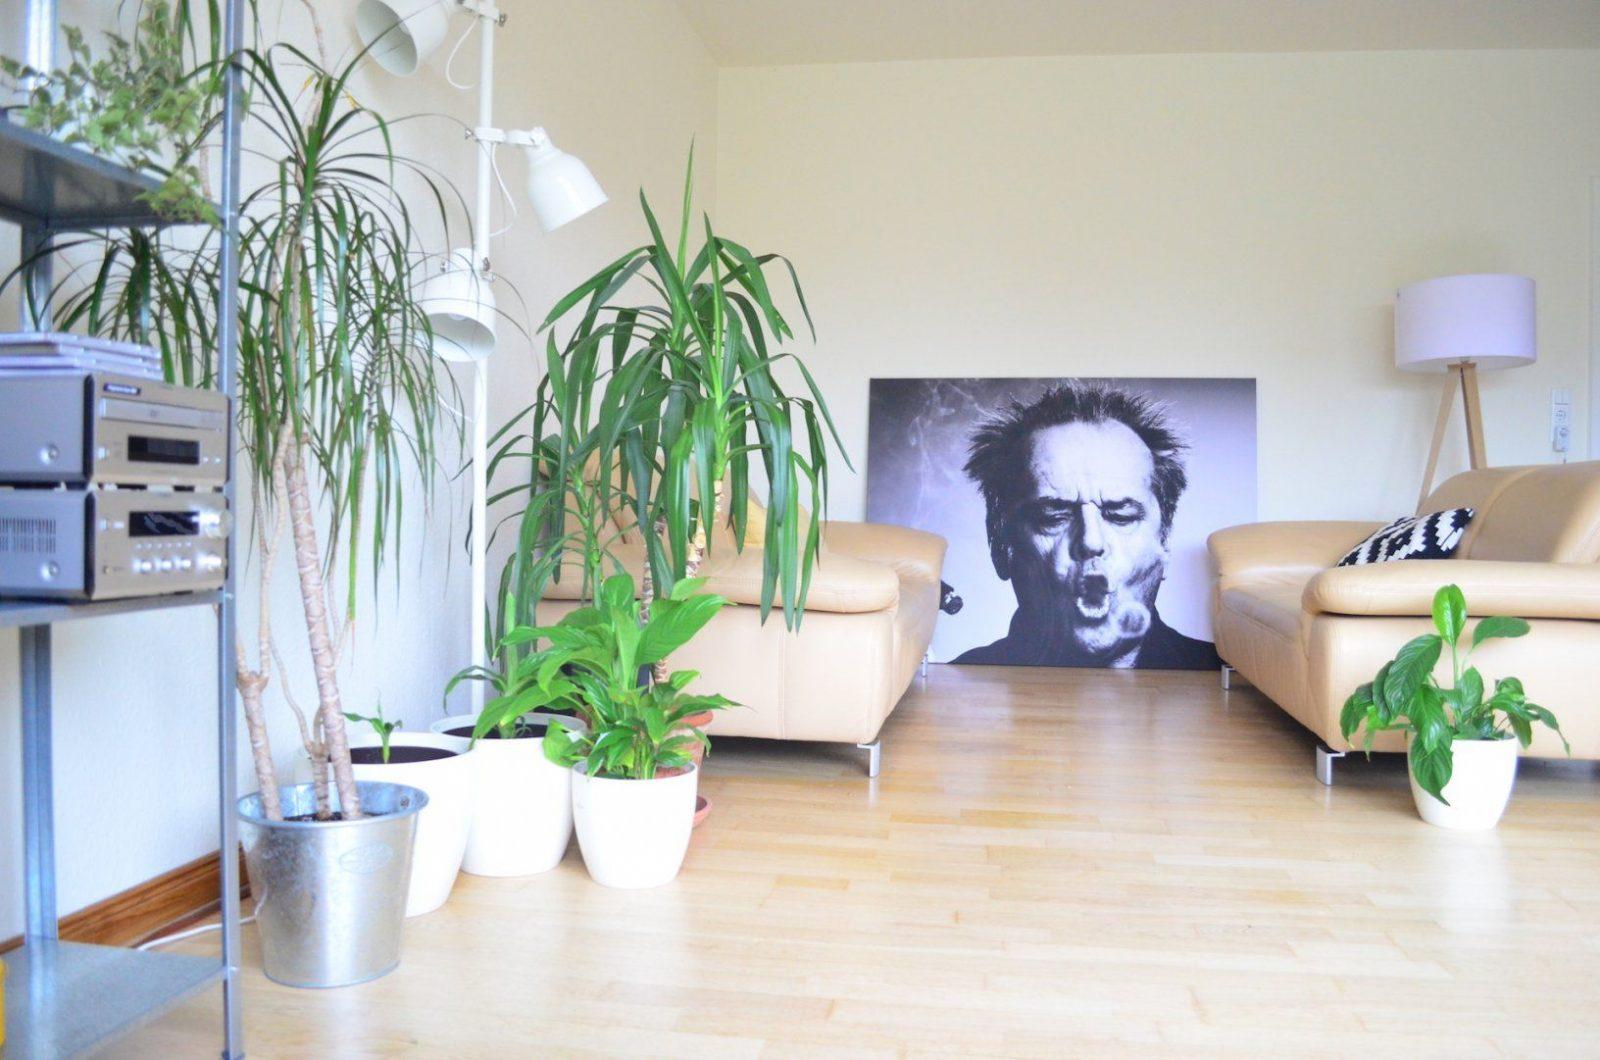 Schön Wohnung Einrichten 3D Design von Kleine Wohnung Einrichten Intelligente Wände Bild